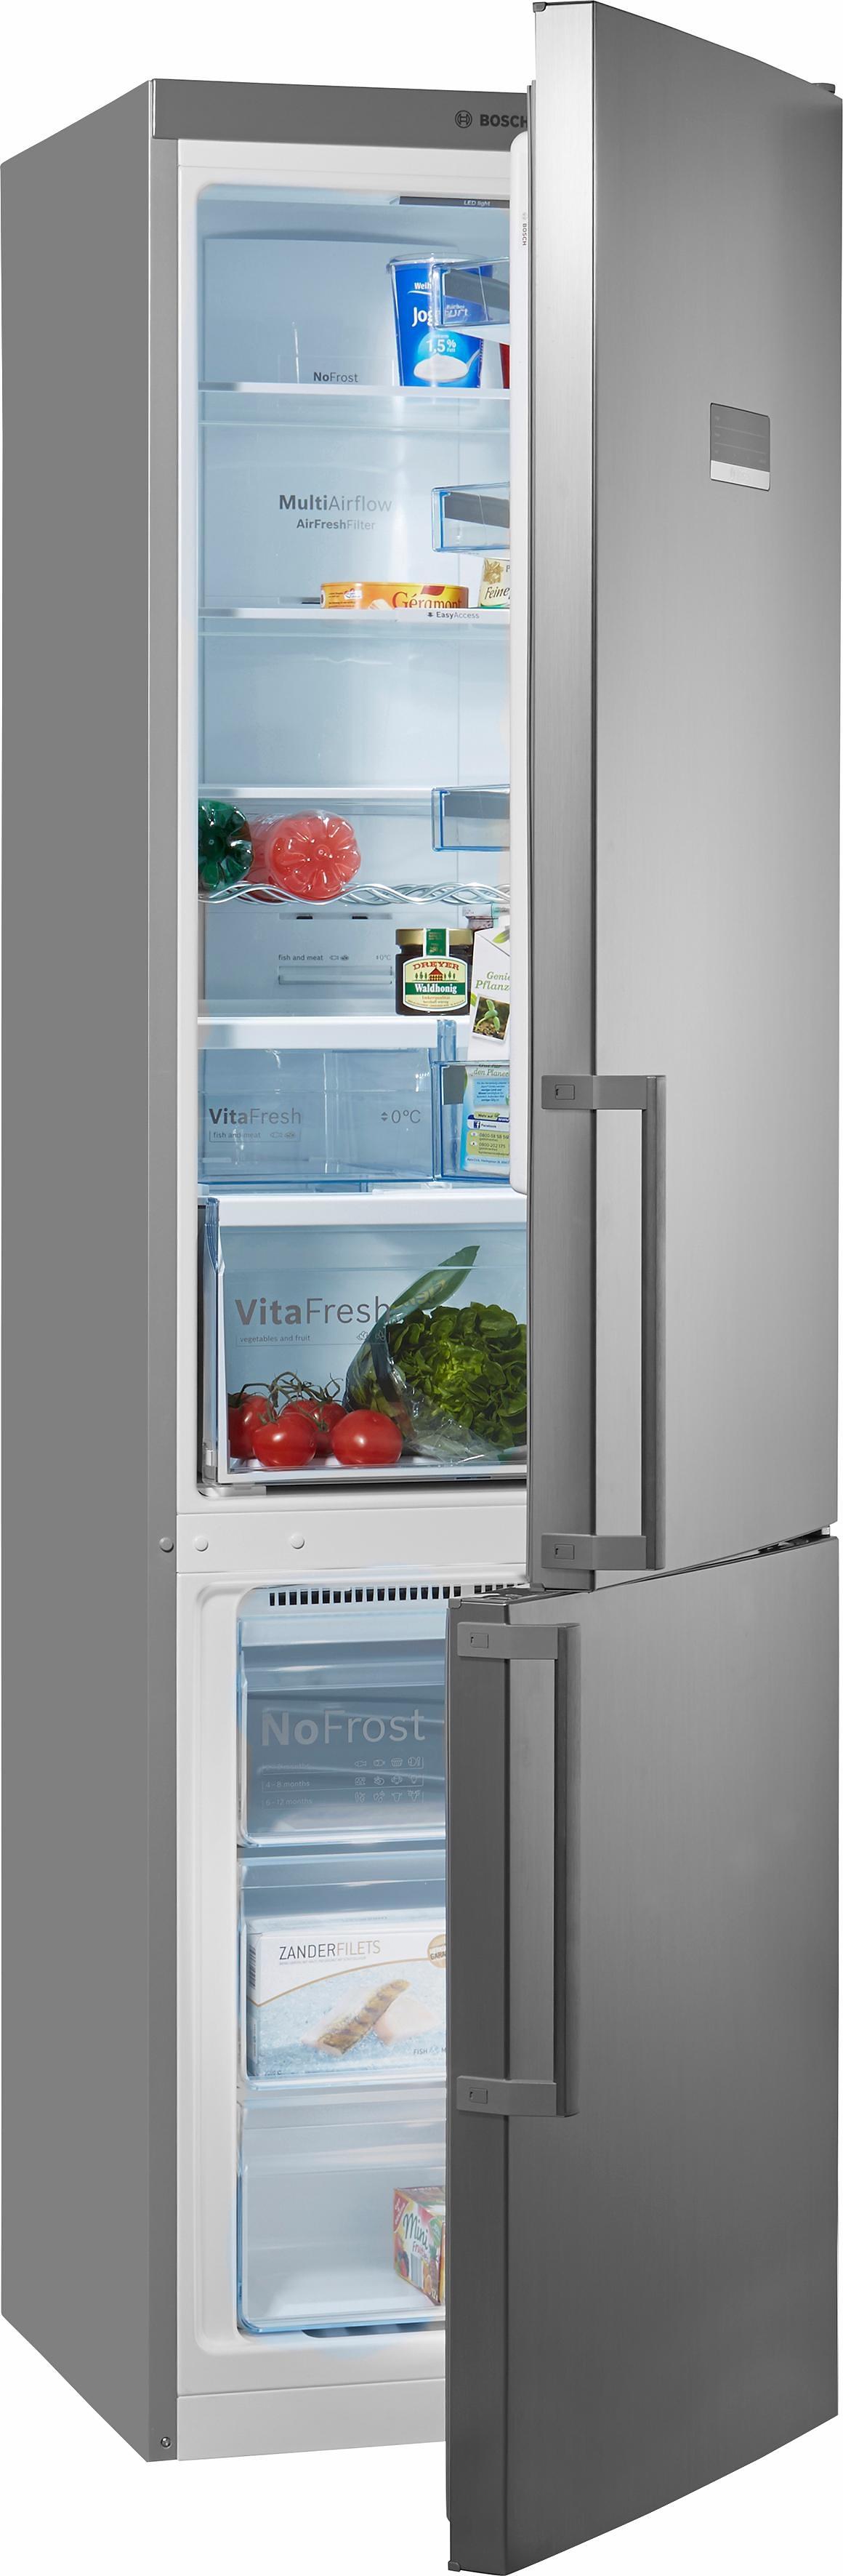 Bosch vrijstaande koel-vriescombinatie KGN39XL35, A++, 203 cm, No Frost nu online bestellen